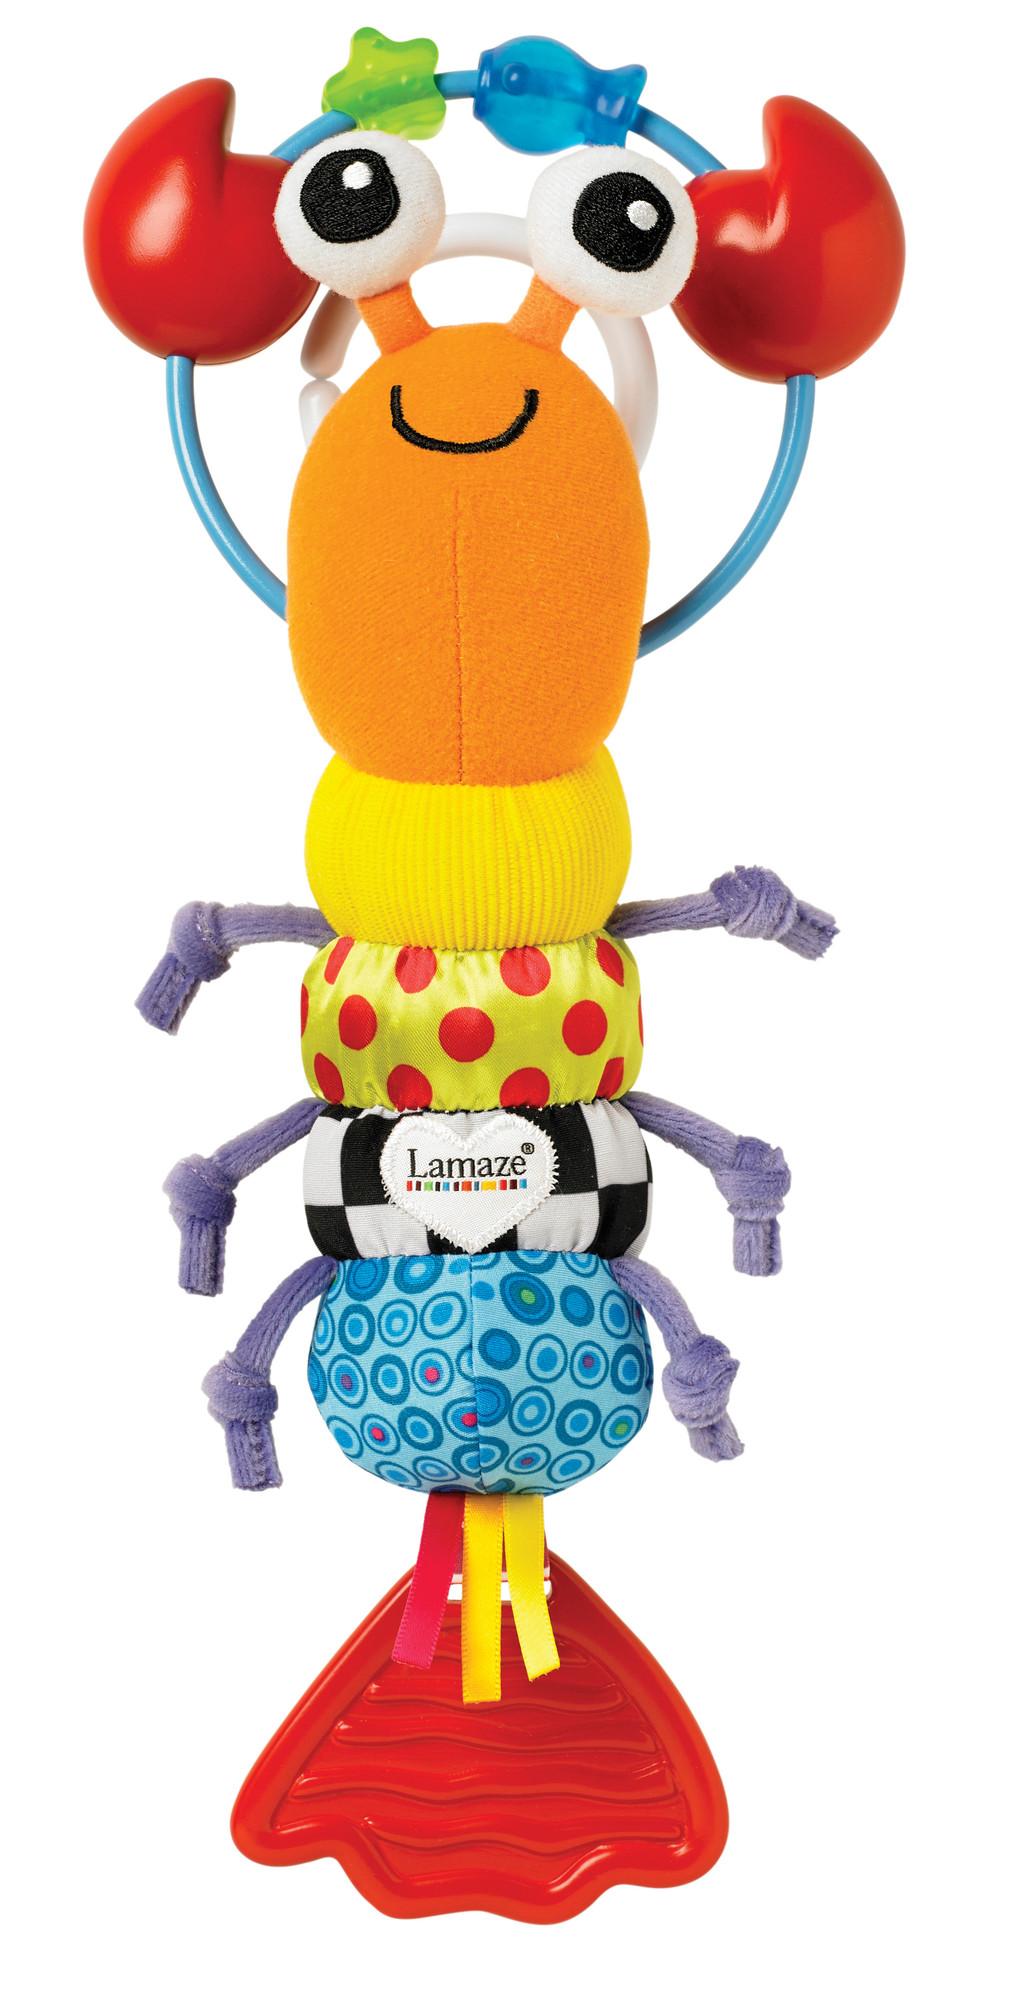 Lamaze et Tomy nommés pour la meilleure marque de jouets pour bébé aux Tommy s Awards